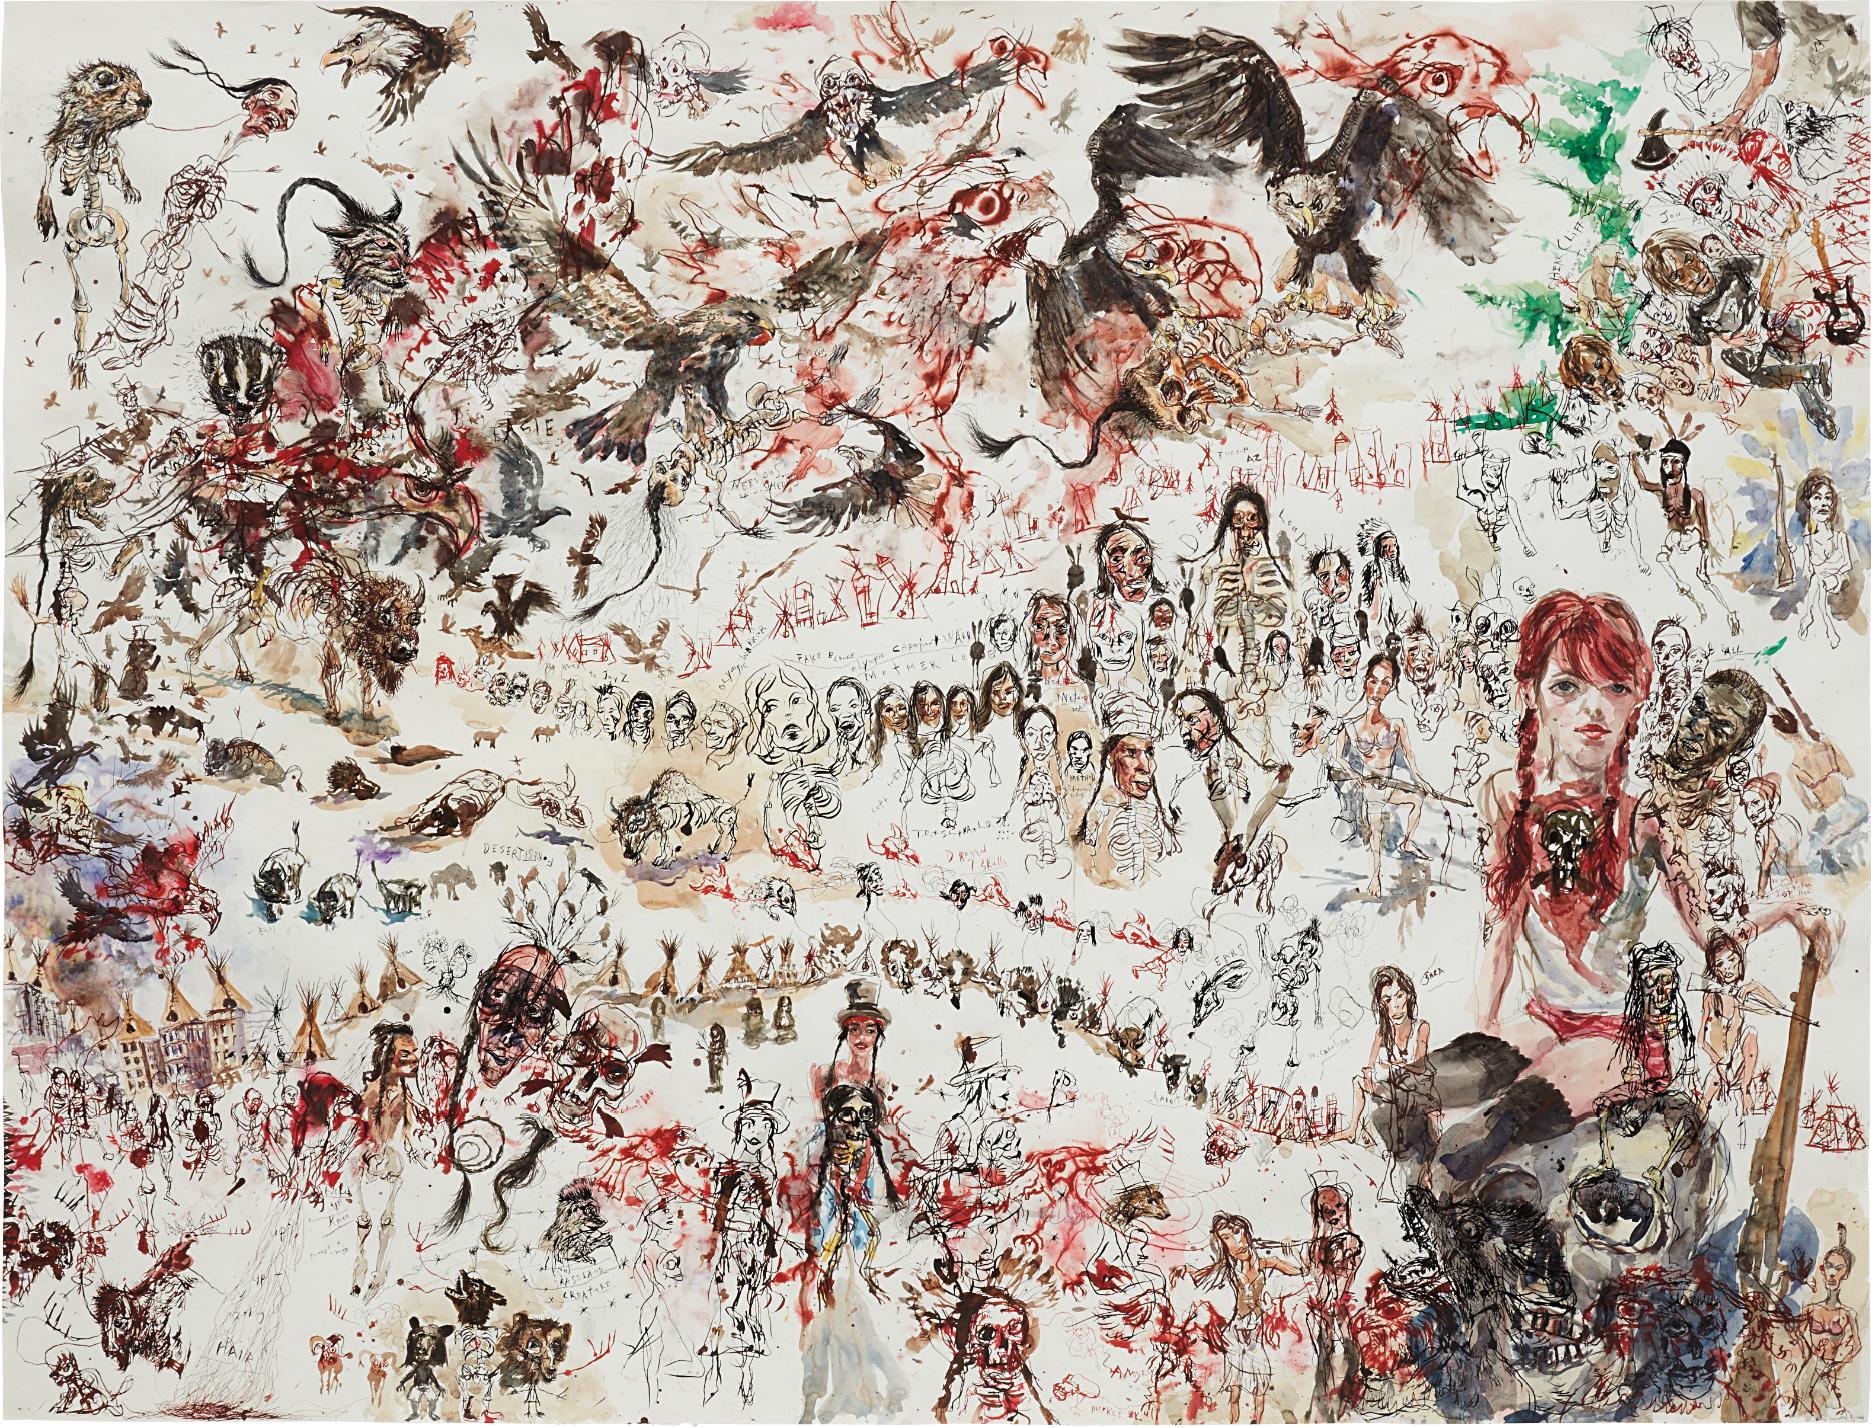 Brad Kahlhamer-Desert Forest City-2004